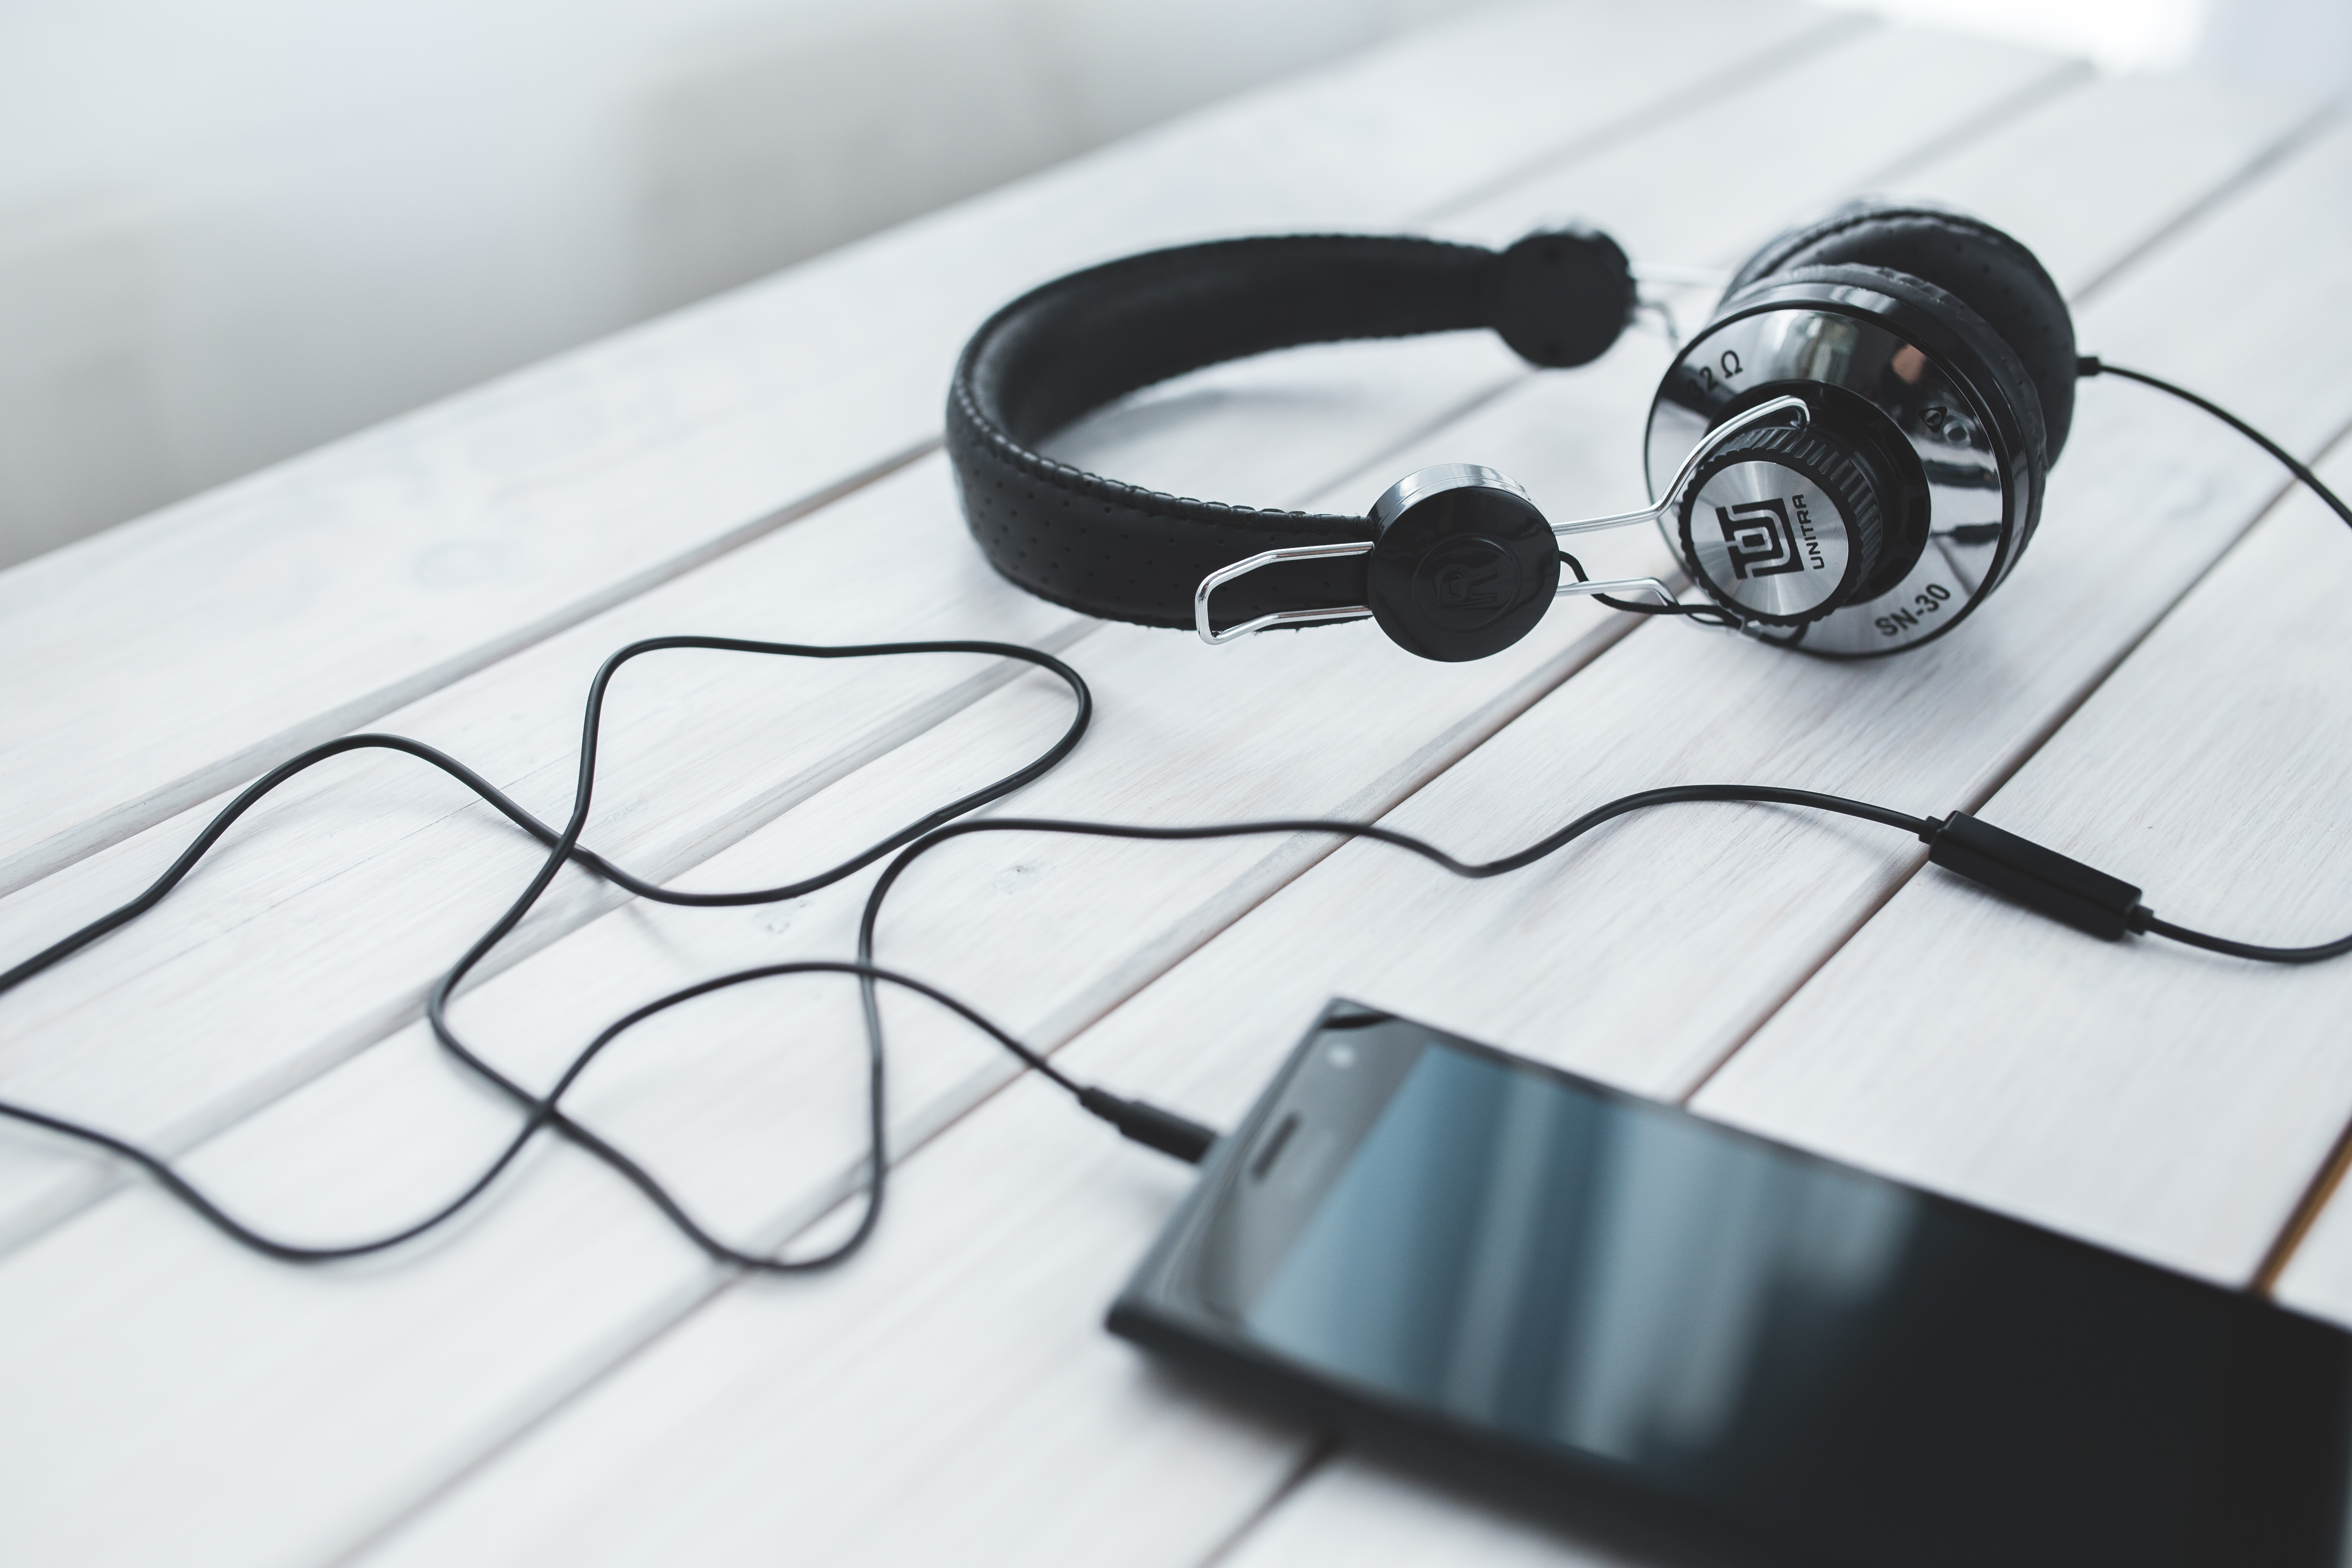 Skorzystaj ze Storytel i pożegnaj się z nudą. Najciekawsze nowe audiobooki dostępne w abonamencie